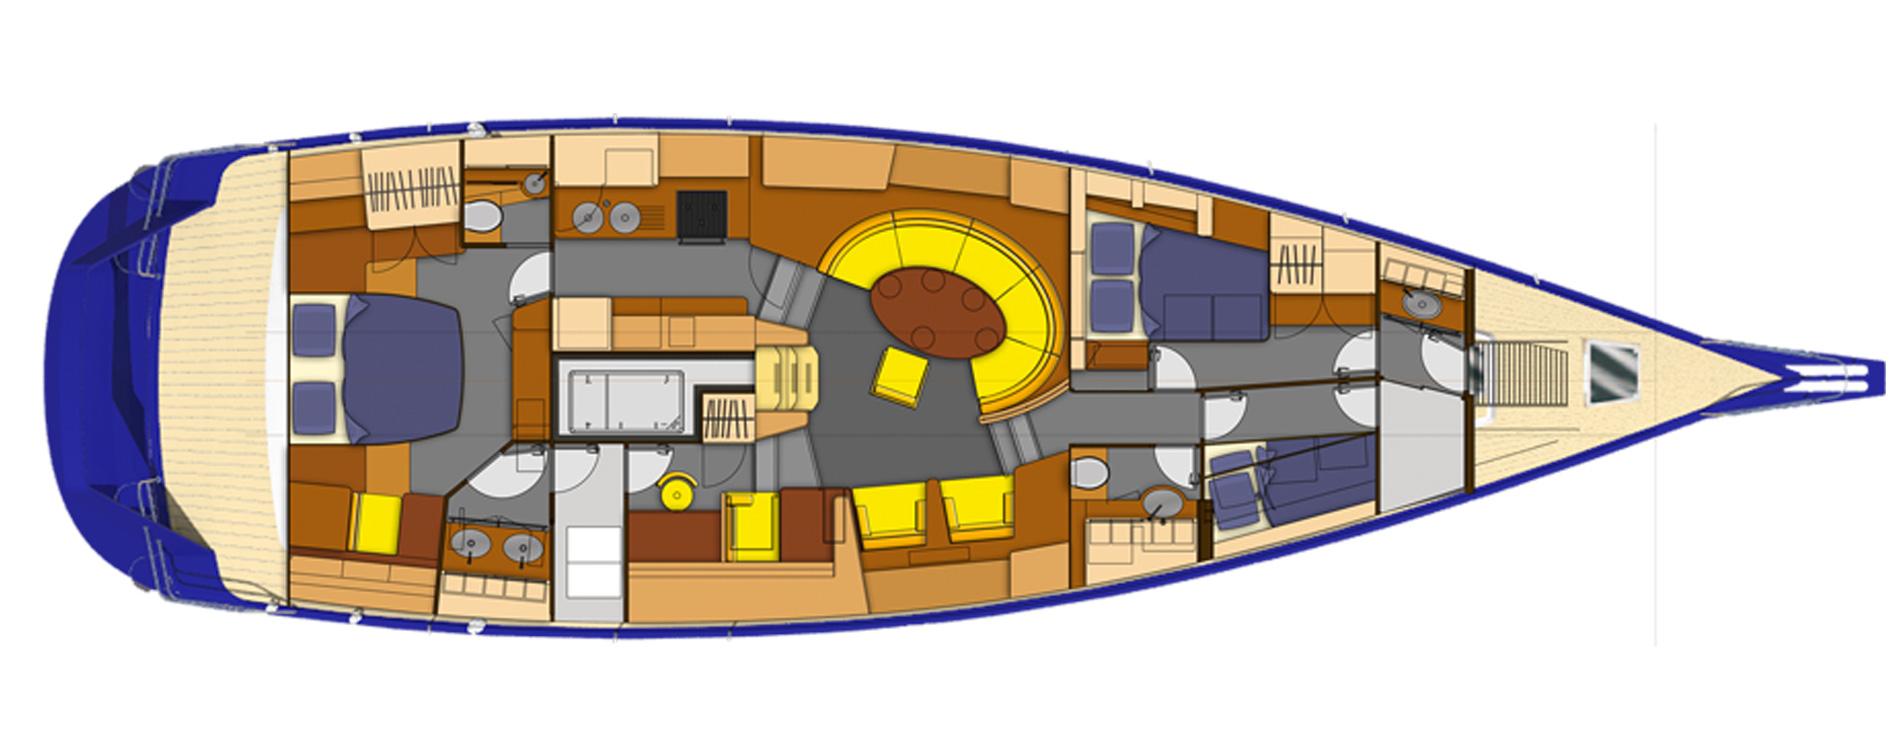 Garcia64cc-Vincent Lebailly-Agencement intérieur-voilier aluminium sur mes